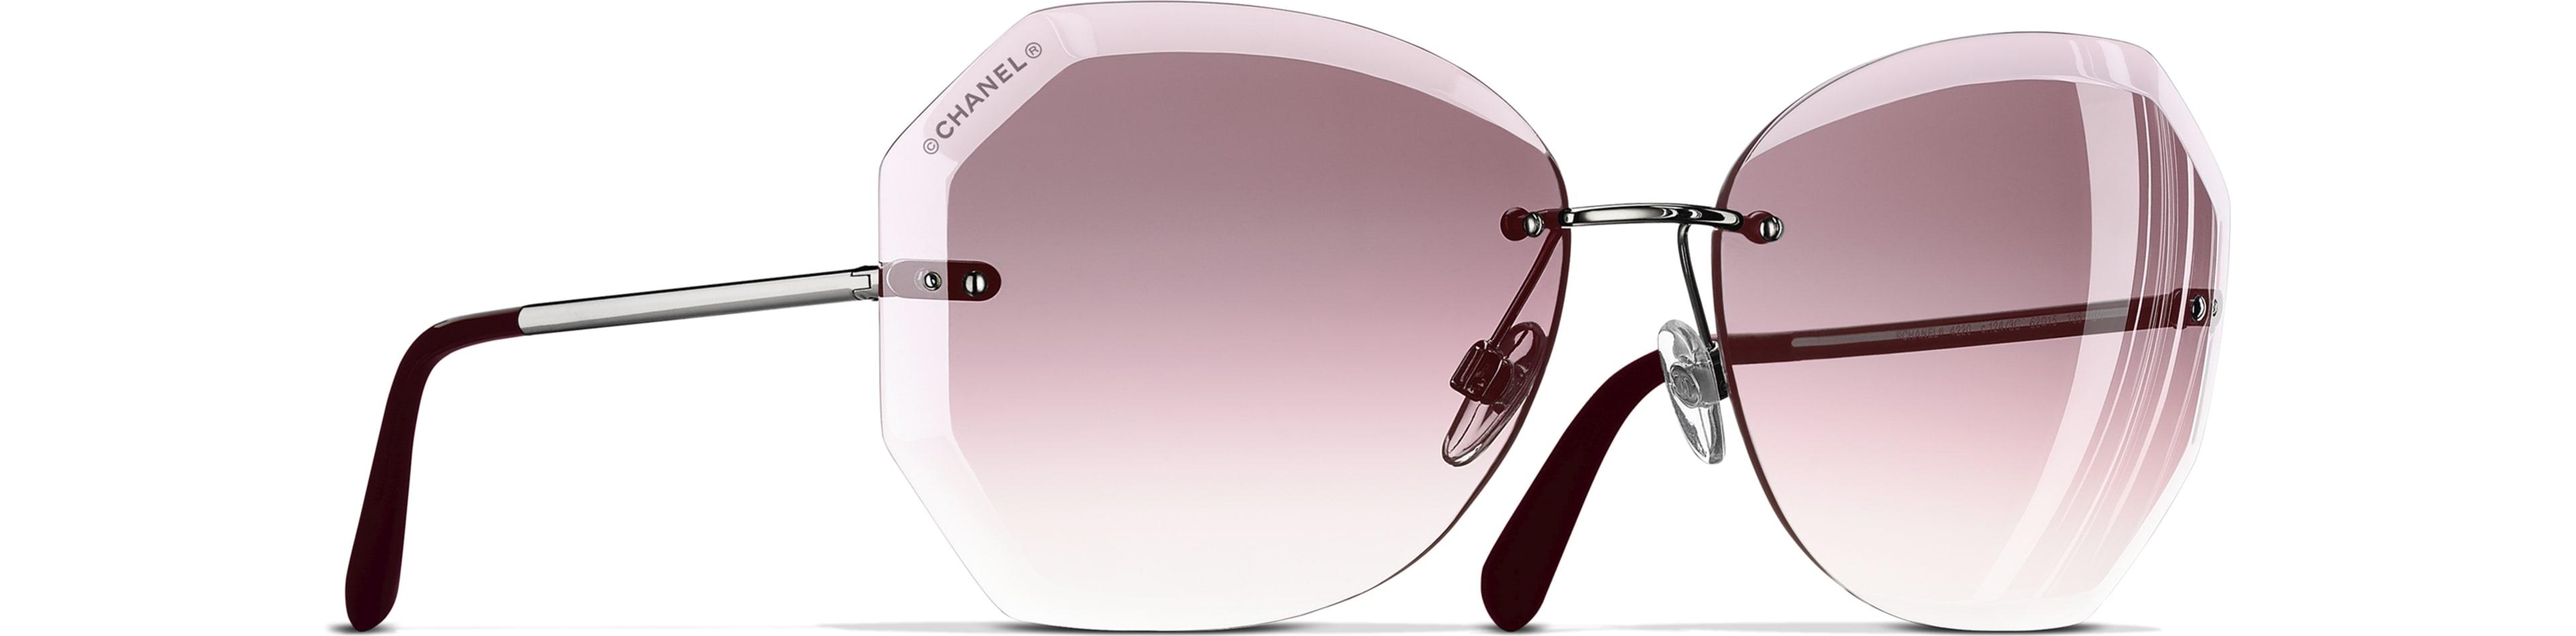 Металл цвет оправы: серебристый и розовый Розовый градуированные линзы